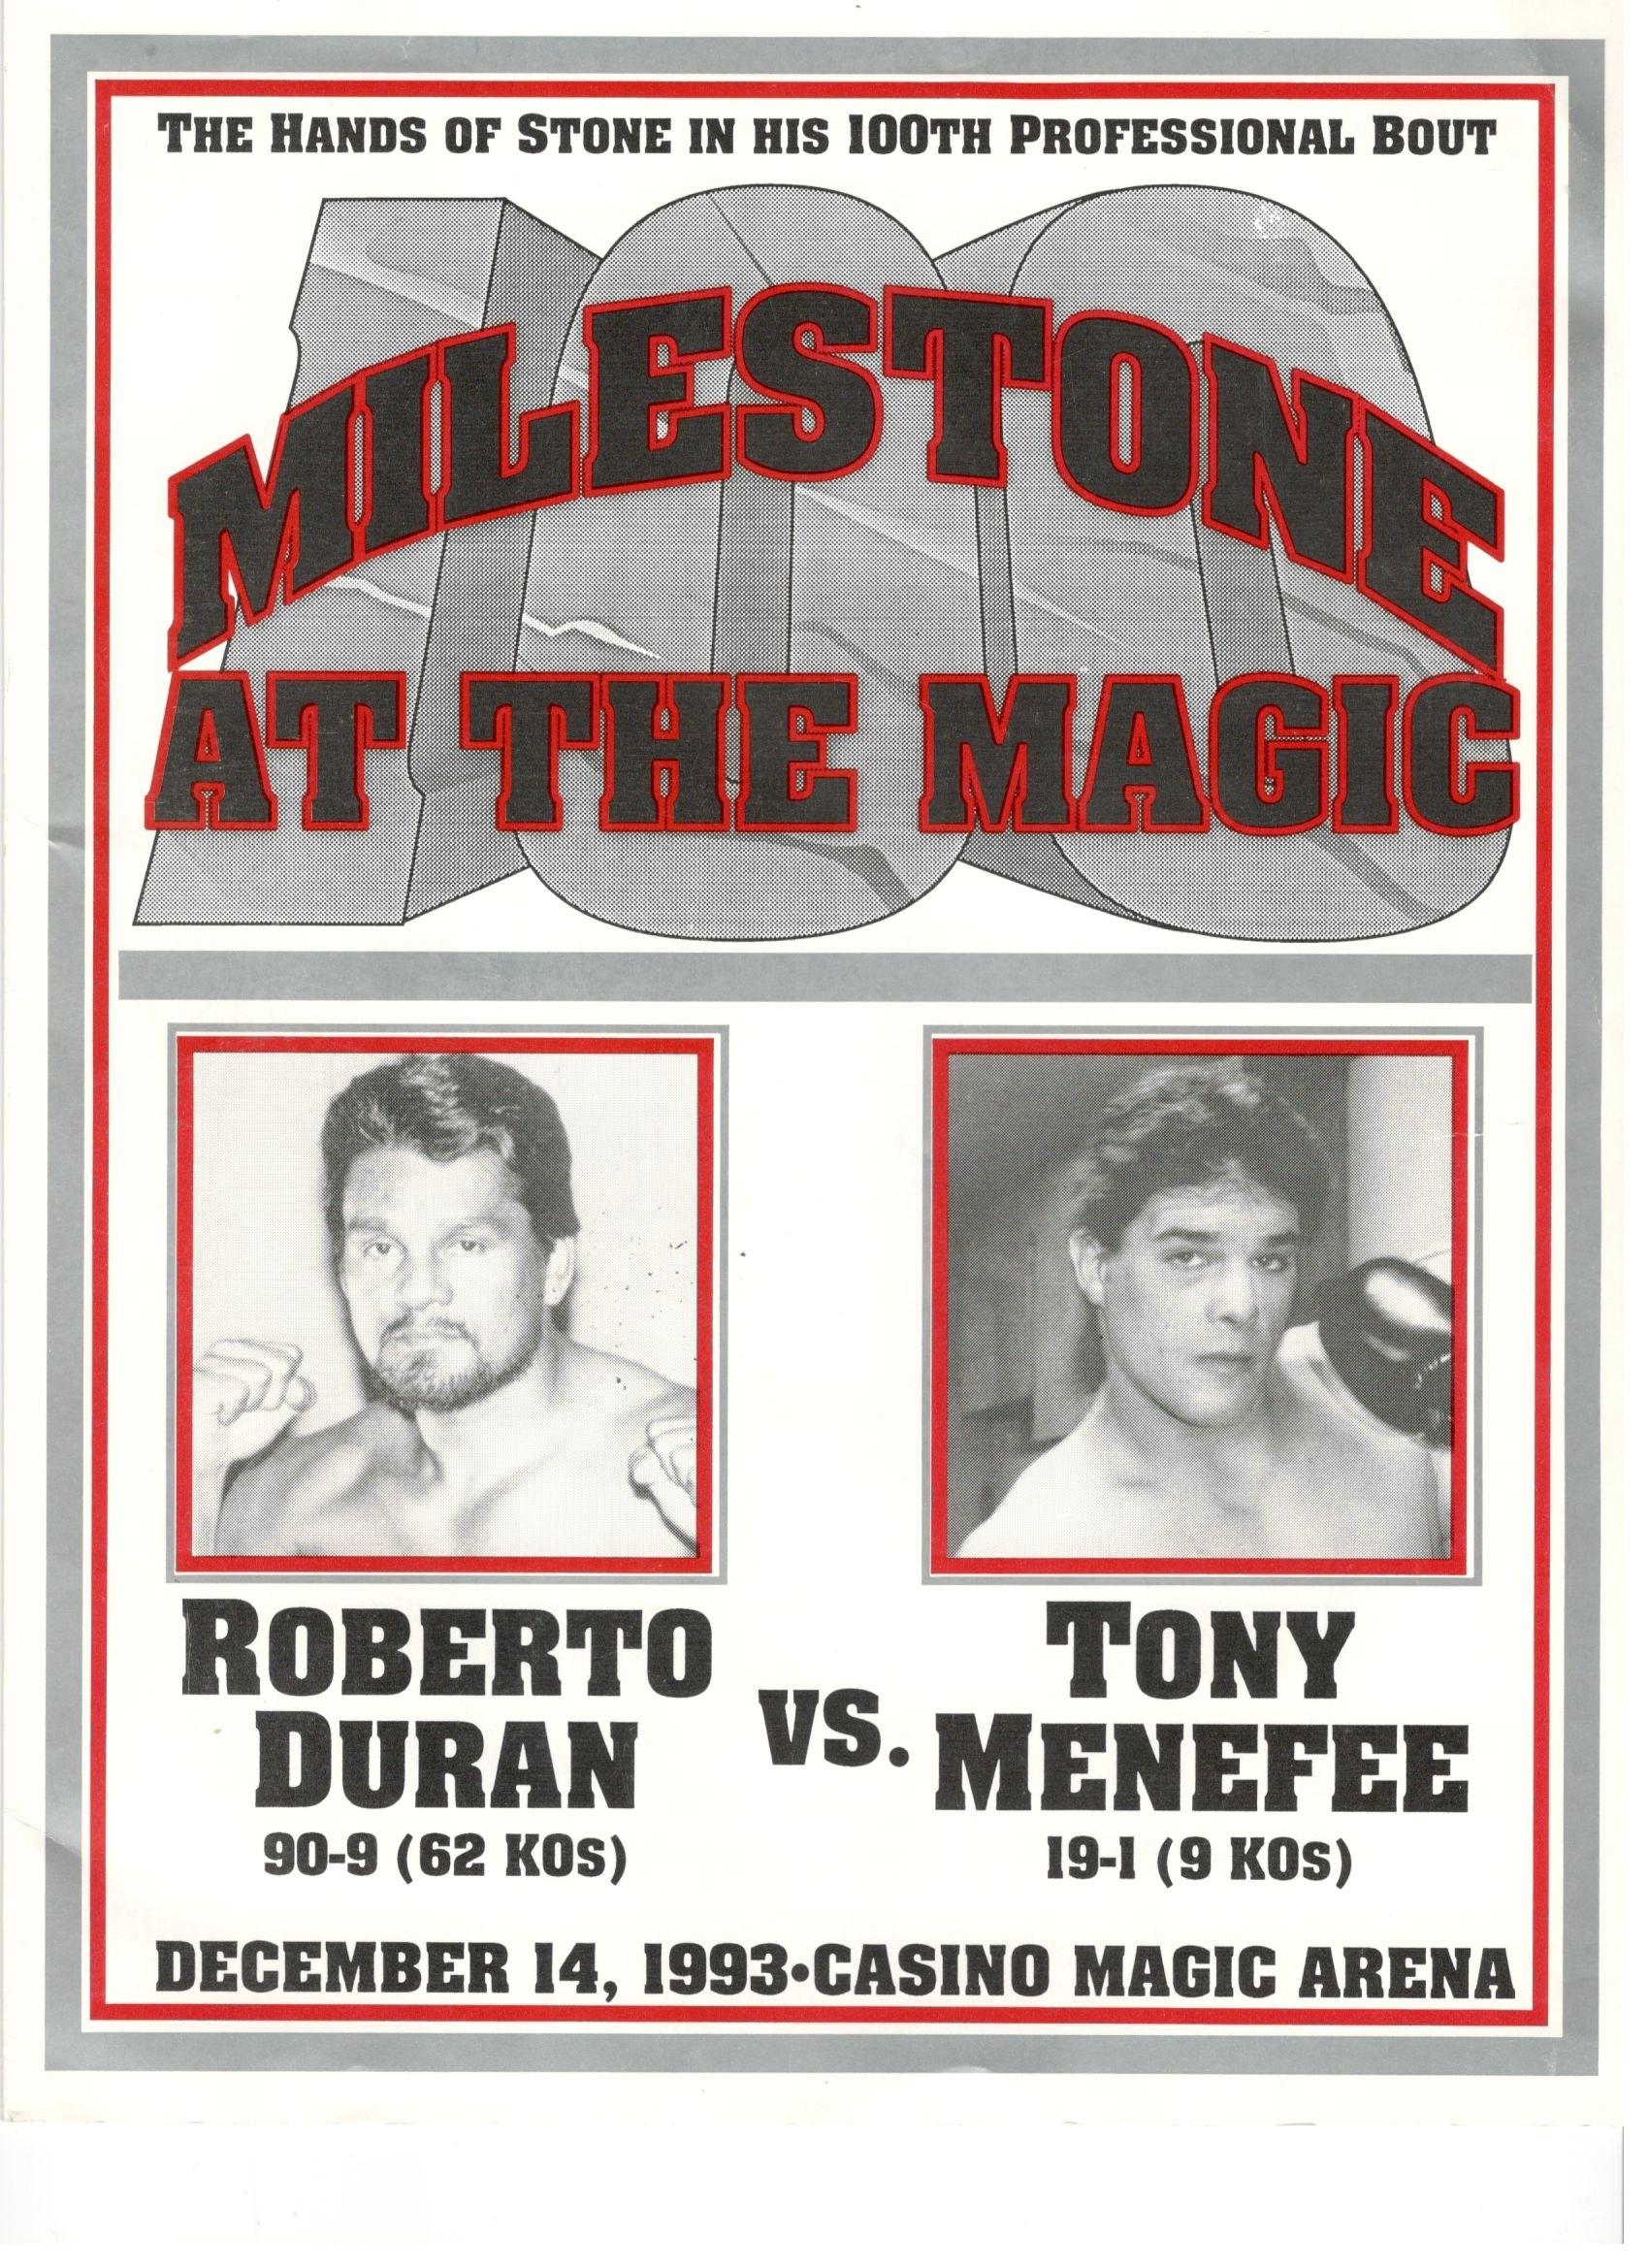 Roberto Duran vs. Tony Menefee